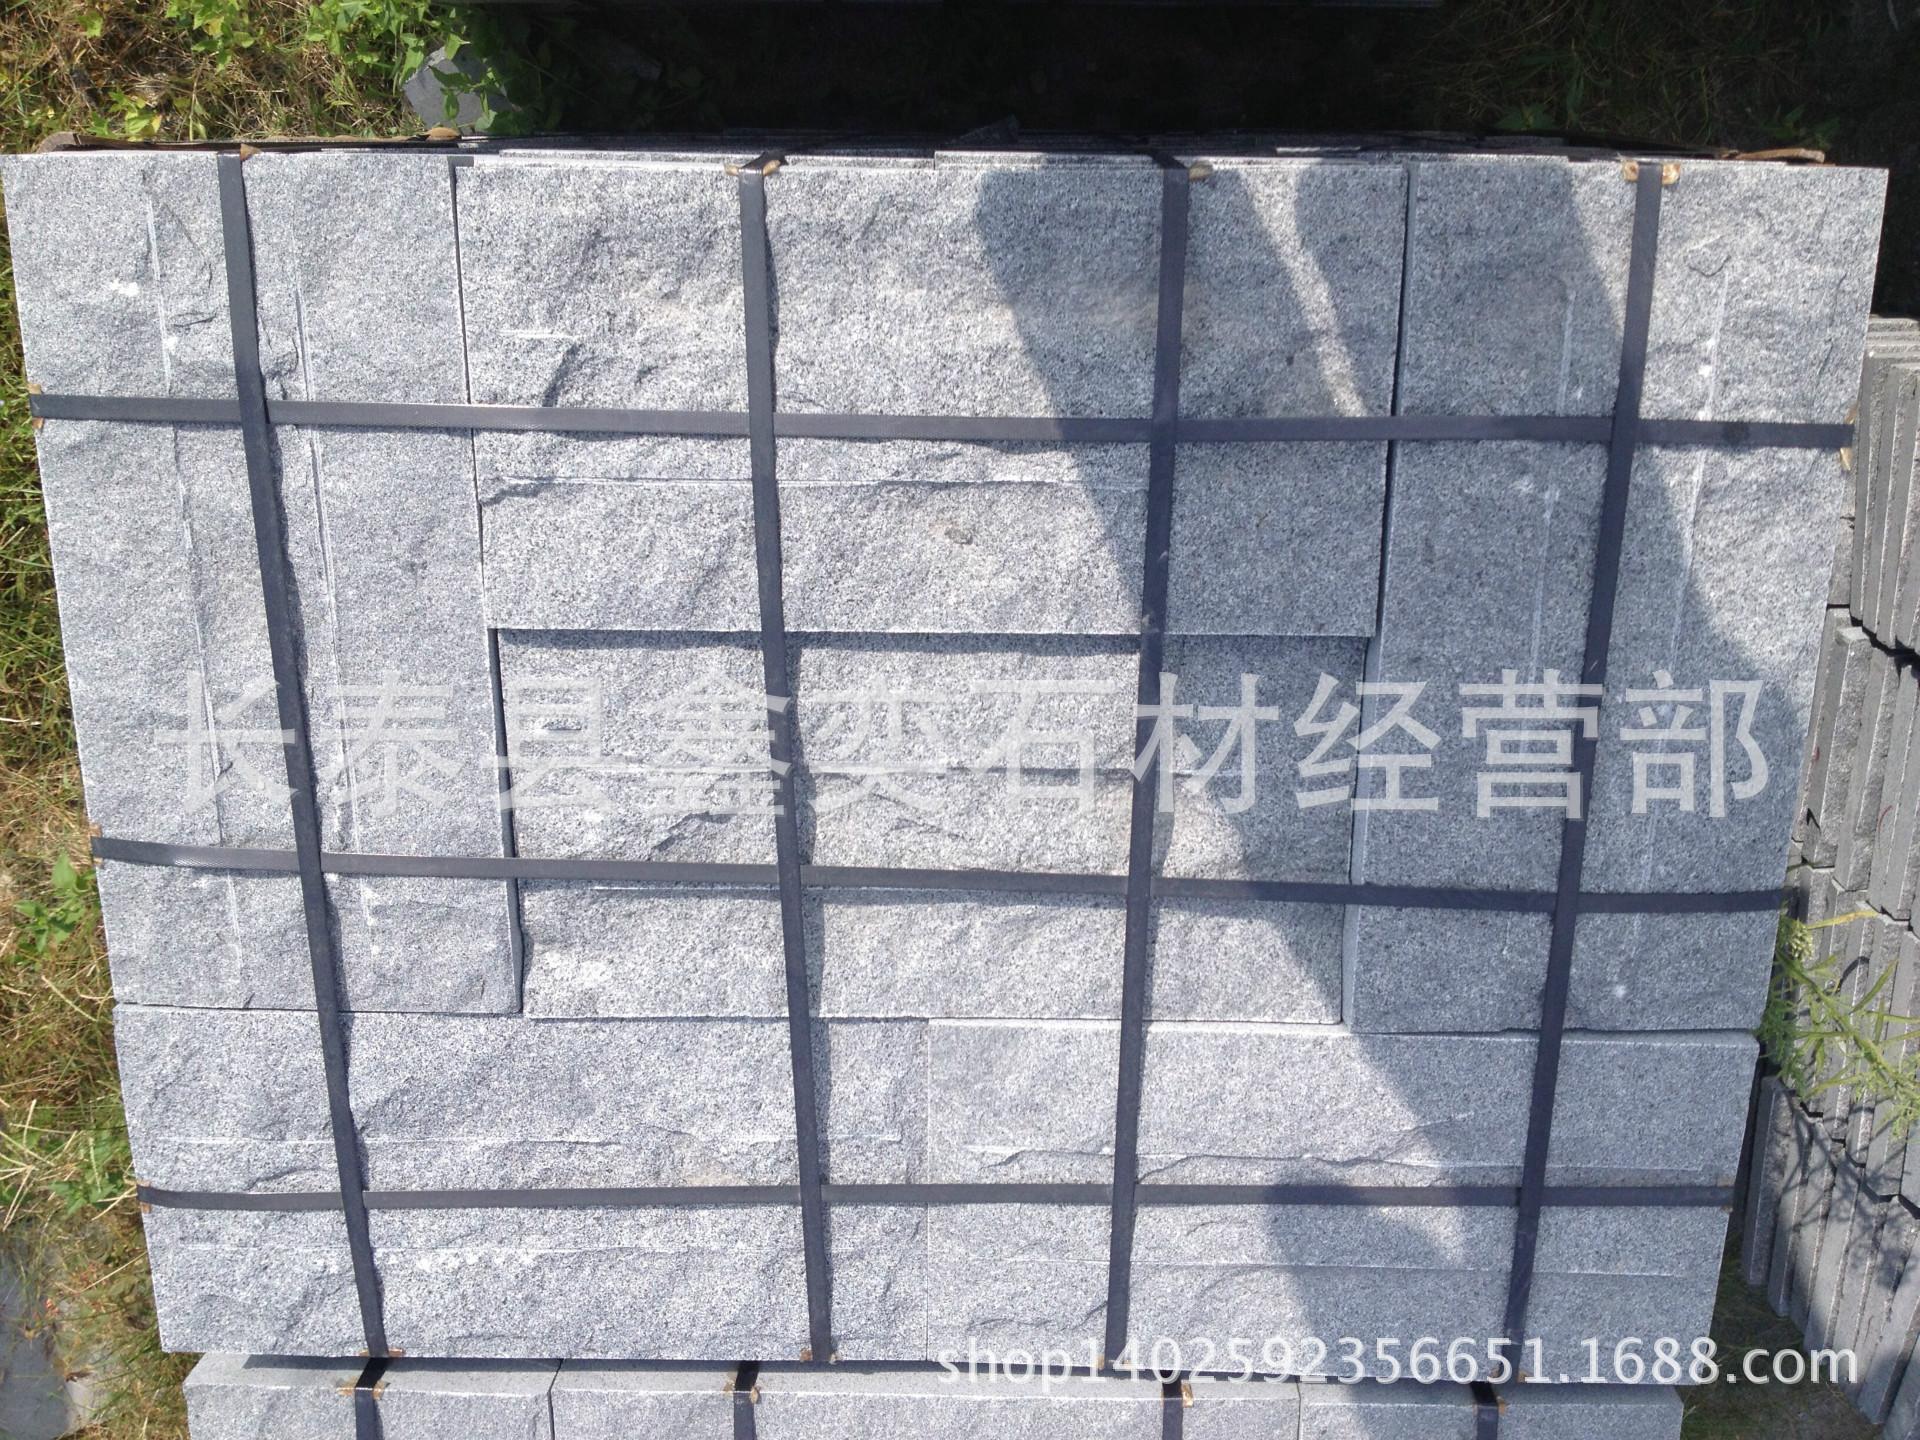 厂家直销G654芝麻黑小方块自然面 芝麻灰弹石芝麻白 黄锈石小方块